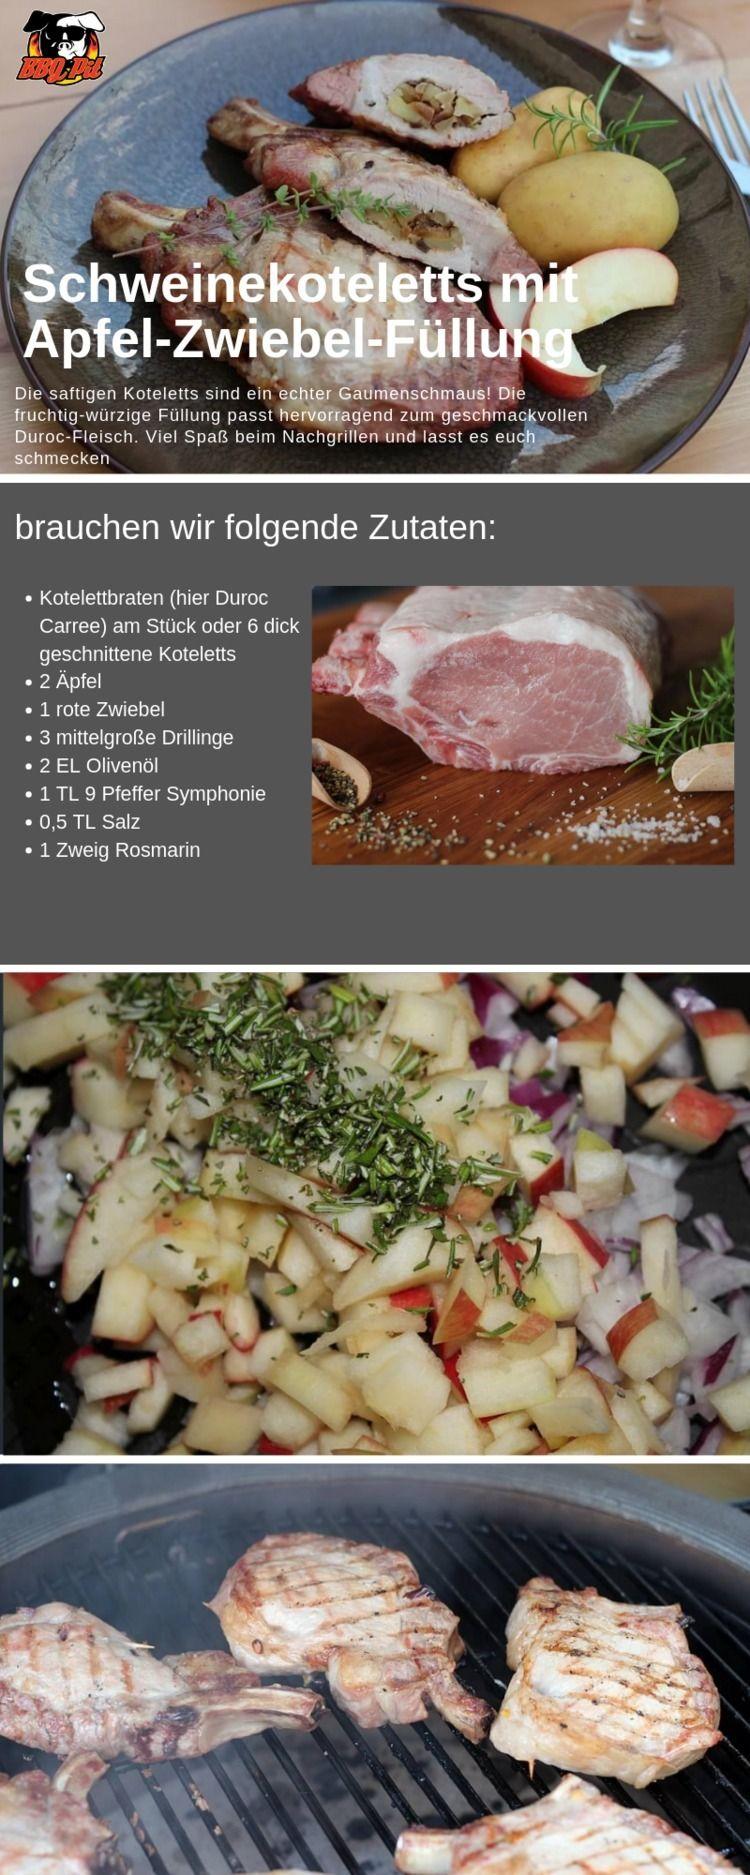 Schweinekoteletts mit Apfel-Zwi - bbqpitde | ello